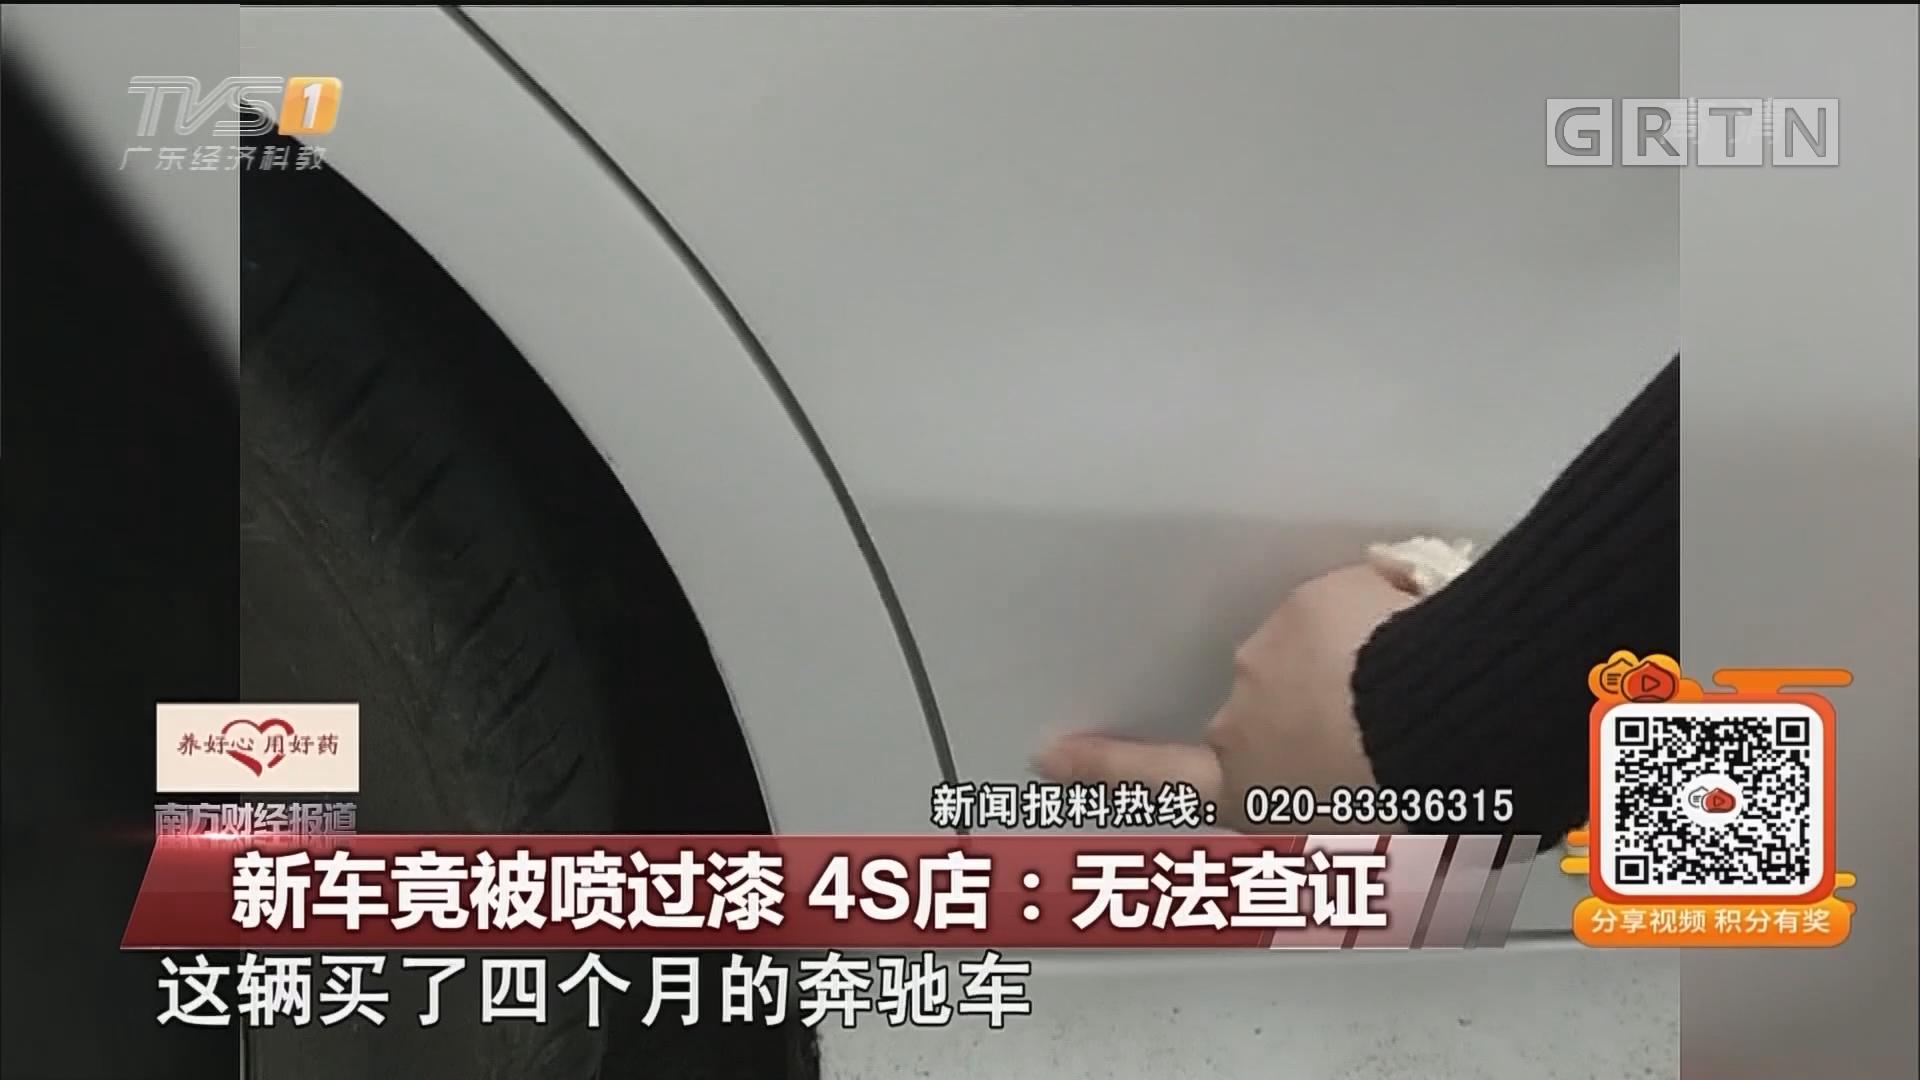 新车竟被喷过漆 4S店:无法查证